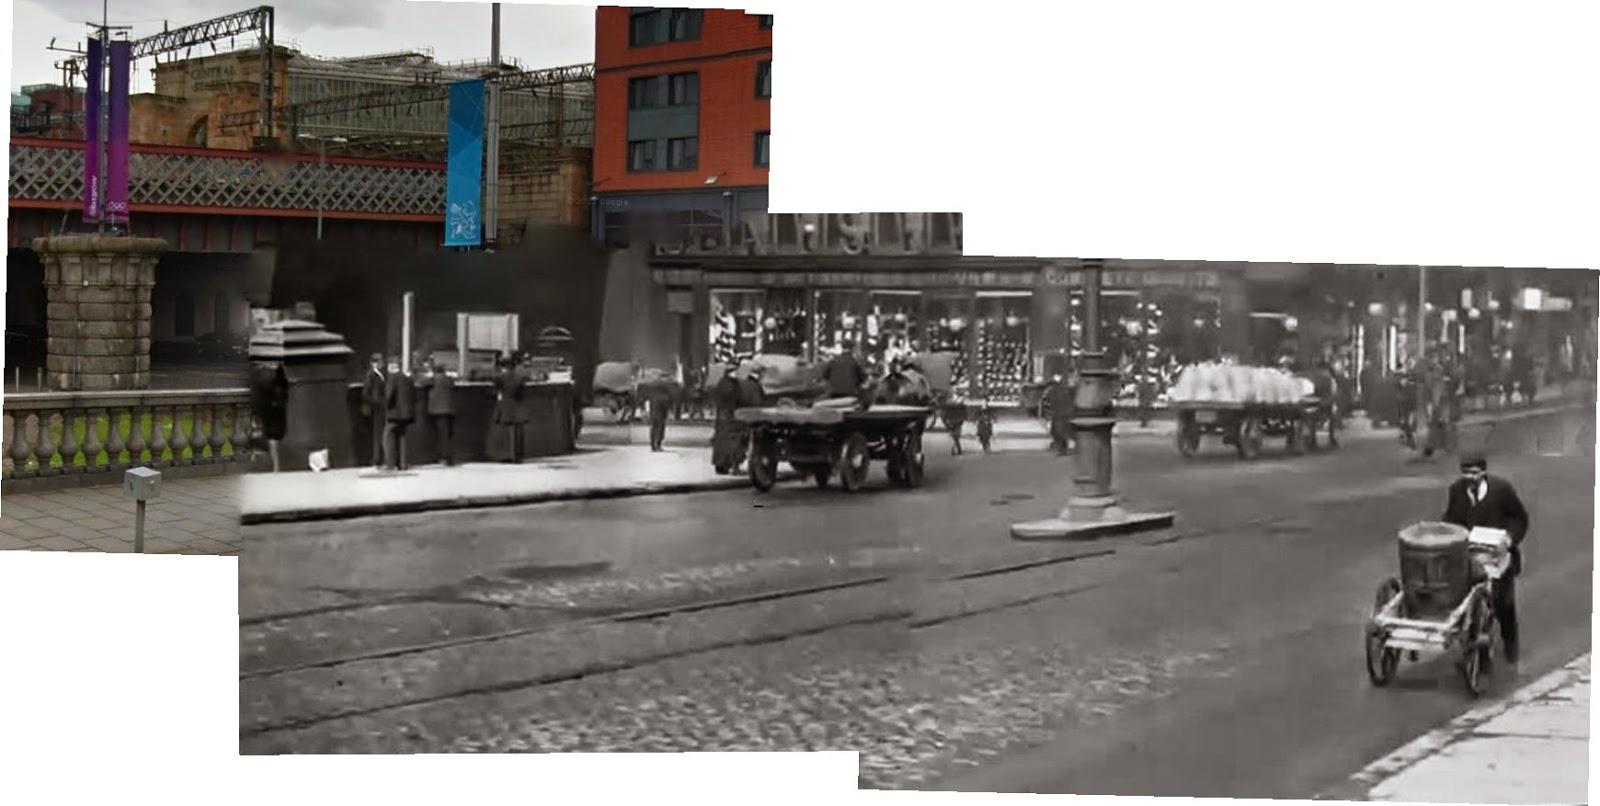 BFI Jamaica Street, Glasgow 1901